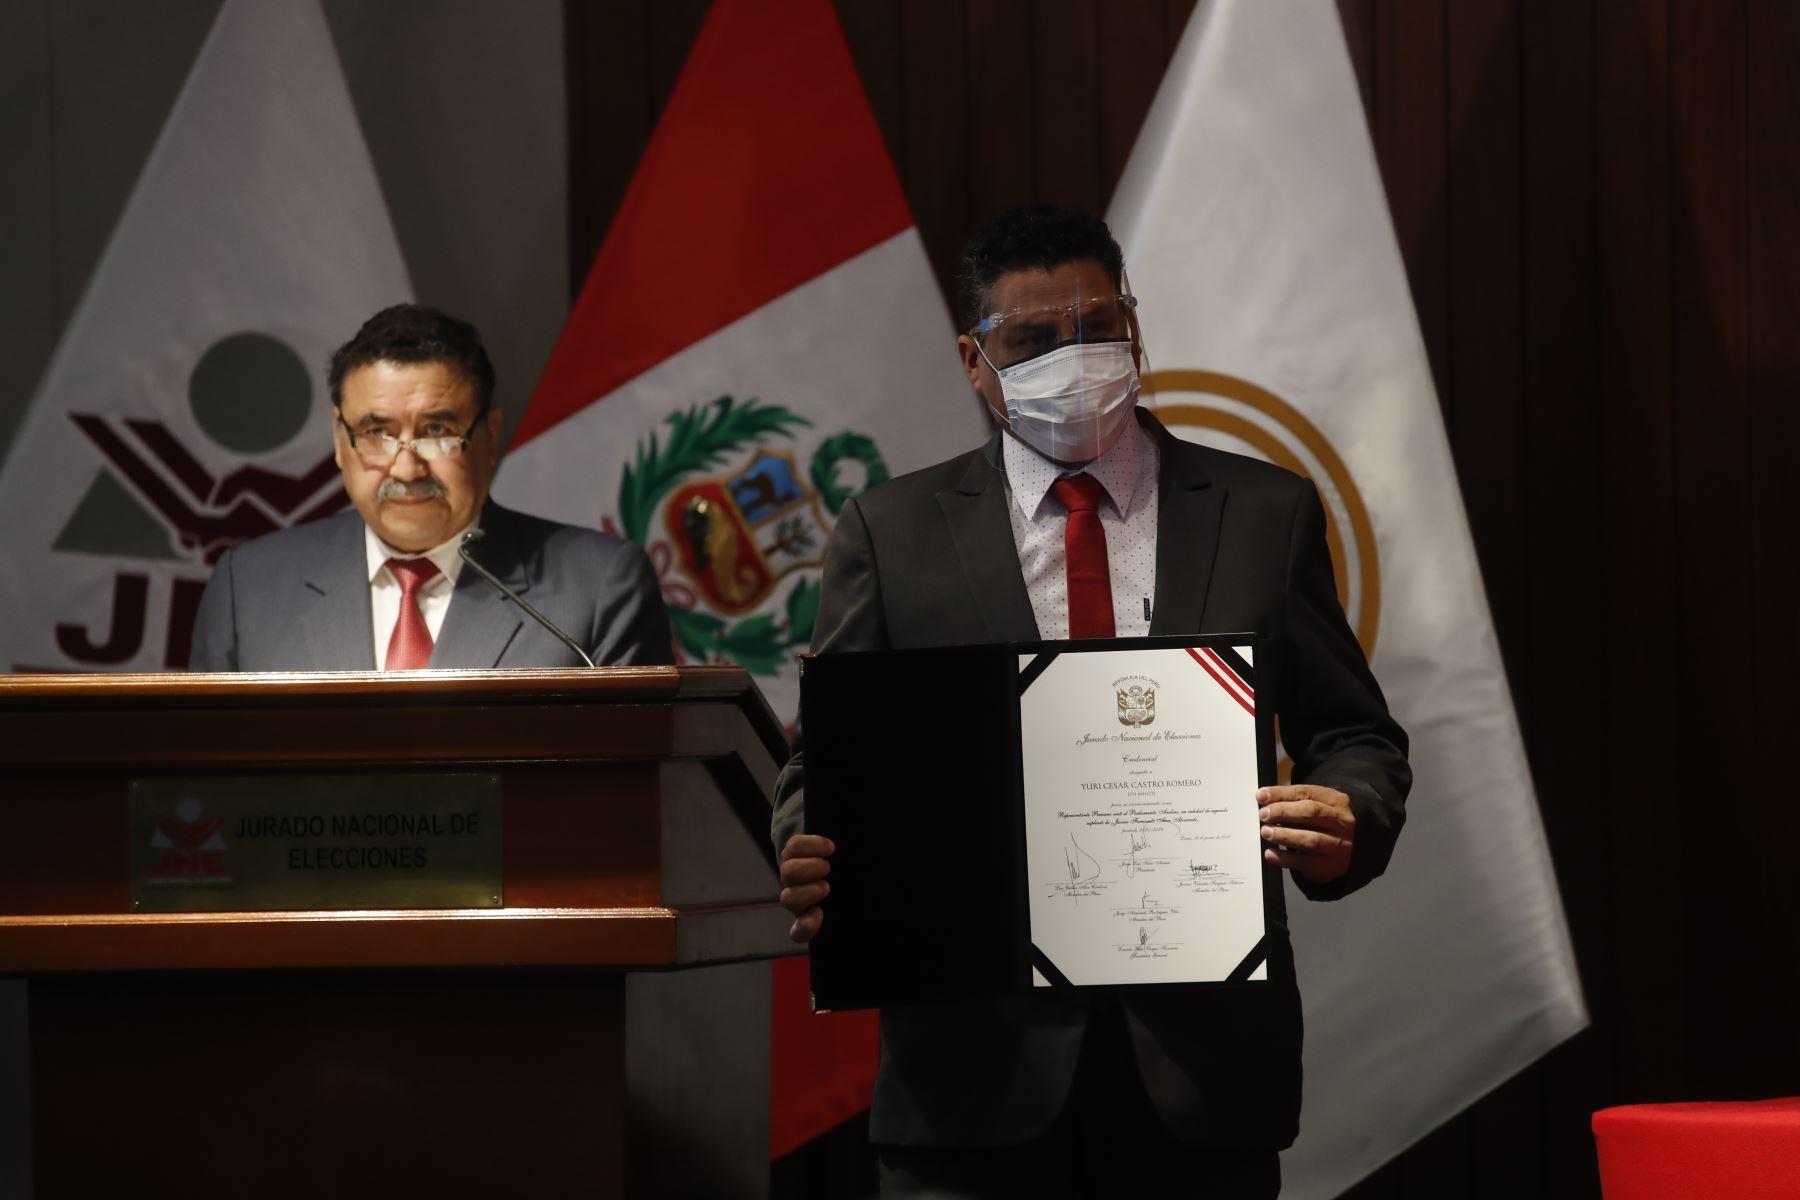 Yuri César Castro Romero representante de Perú Libre en ceremonia de entrega de credenciales a representantes del Parlamento Andino. Foto: ANDINA/Juan Carlos Guzmán